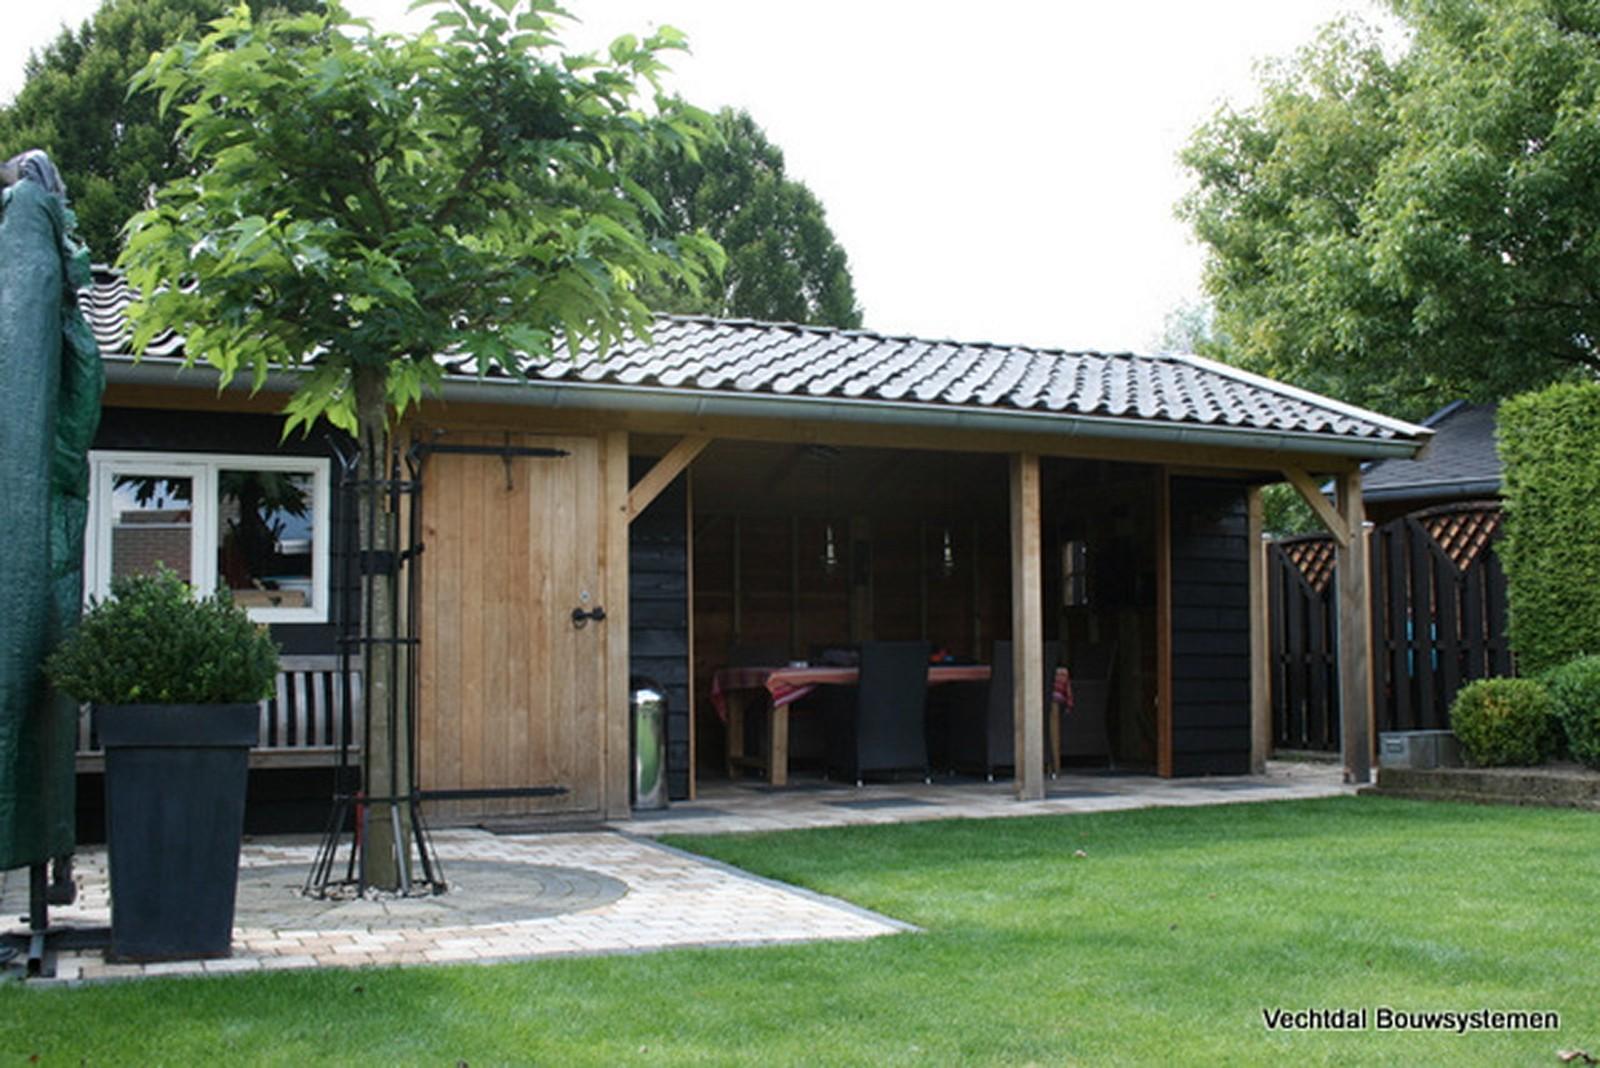 exclusieve_buitenkamers - Authentiek eikenhouten tuinhuis met tuinkamer.